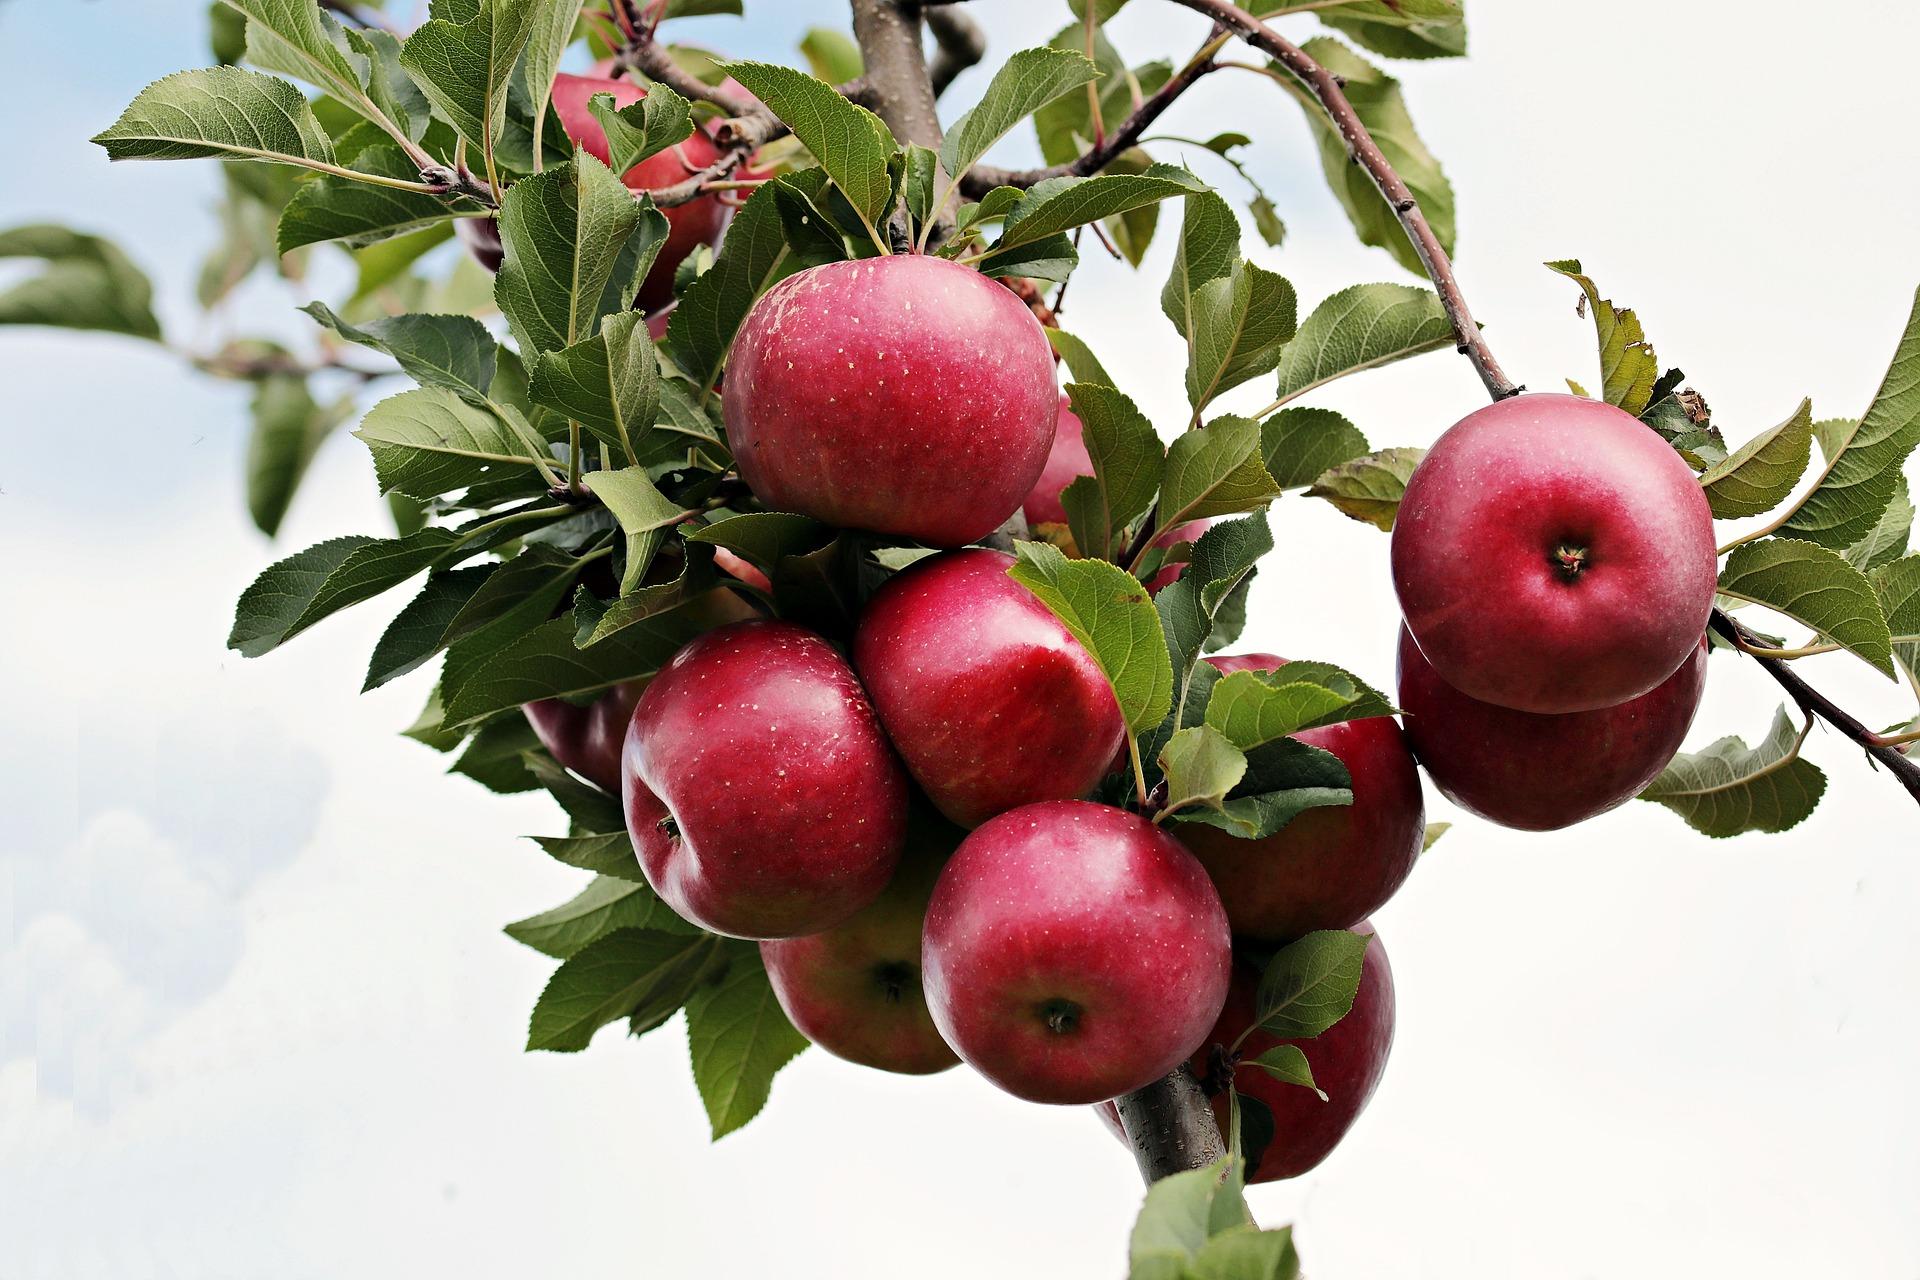 Als je honger hebt en je wilt geen appel eten, dan had je geen honger